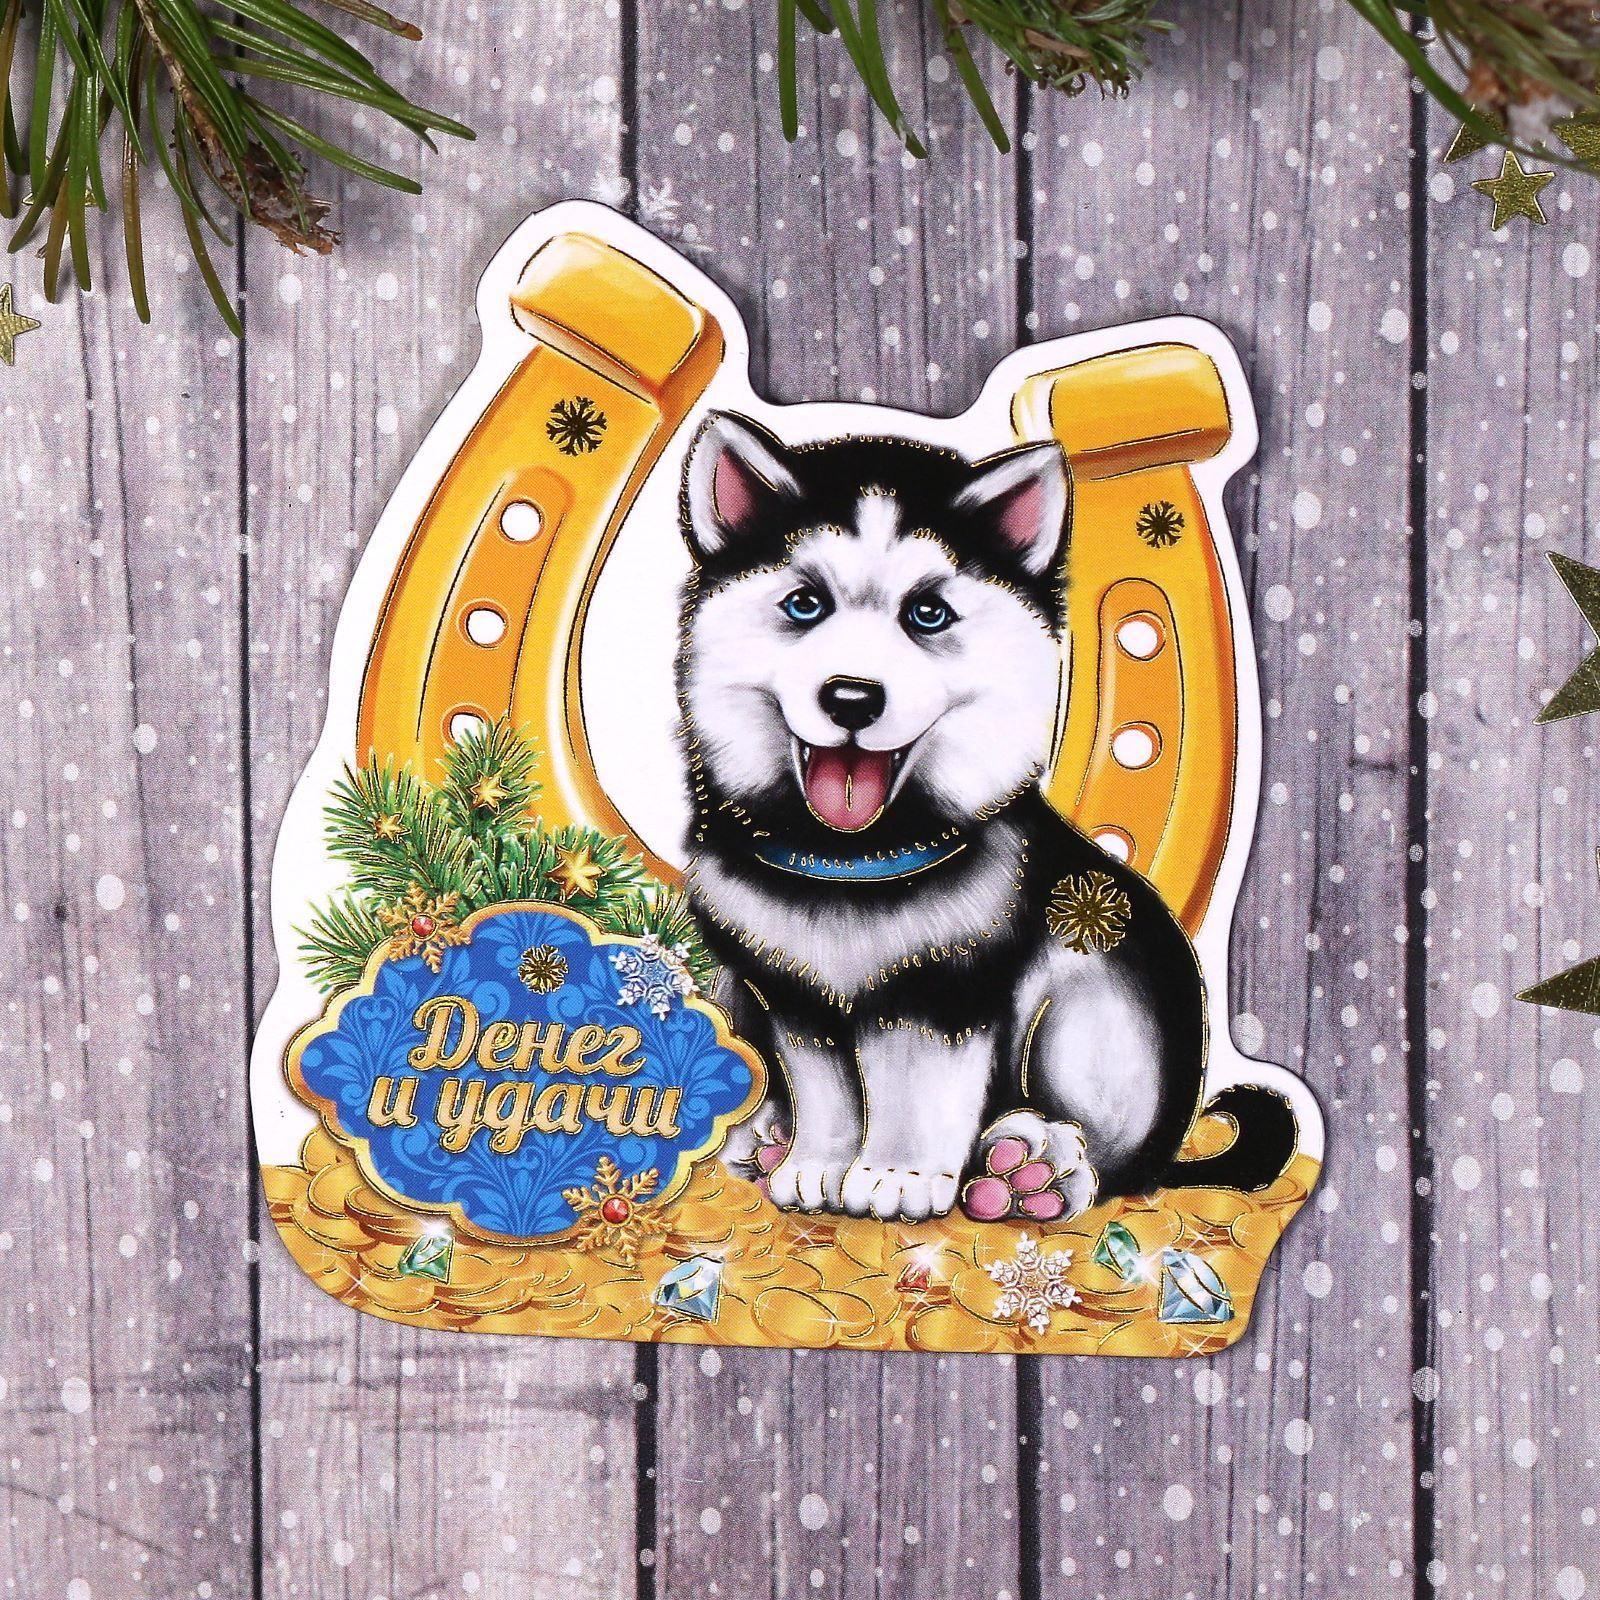 Магнит Sima-land Денег и удачи, 7,4 х 7,9 см1894034Порадуйте родных и близких оригинальным сувениром: преподнесите в подарок магнит. С ним даже самый серьёзный человек почувствует себя ребёнком, ожидающим чудо! Создайте праздничное настроение, и оно останется с вами на весь год.